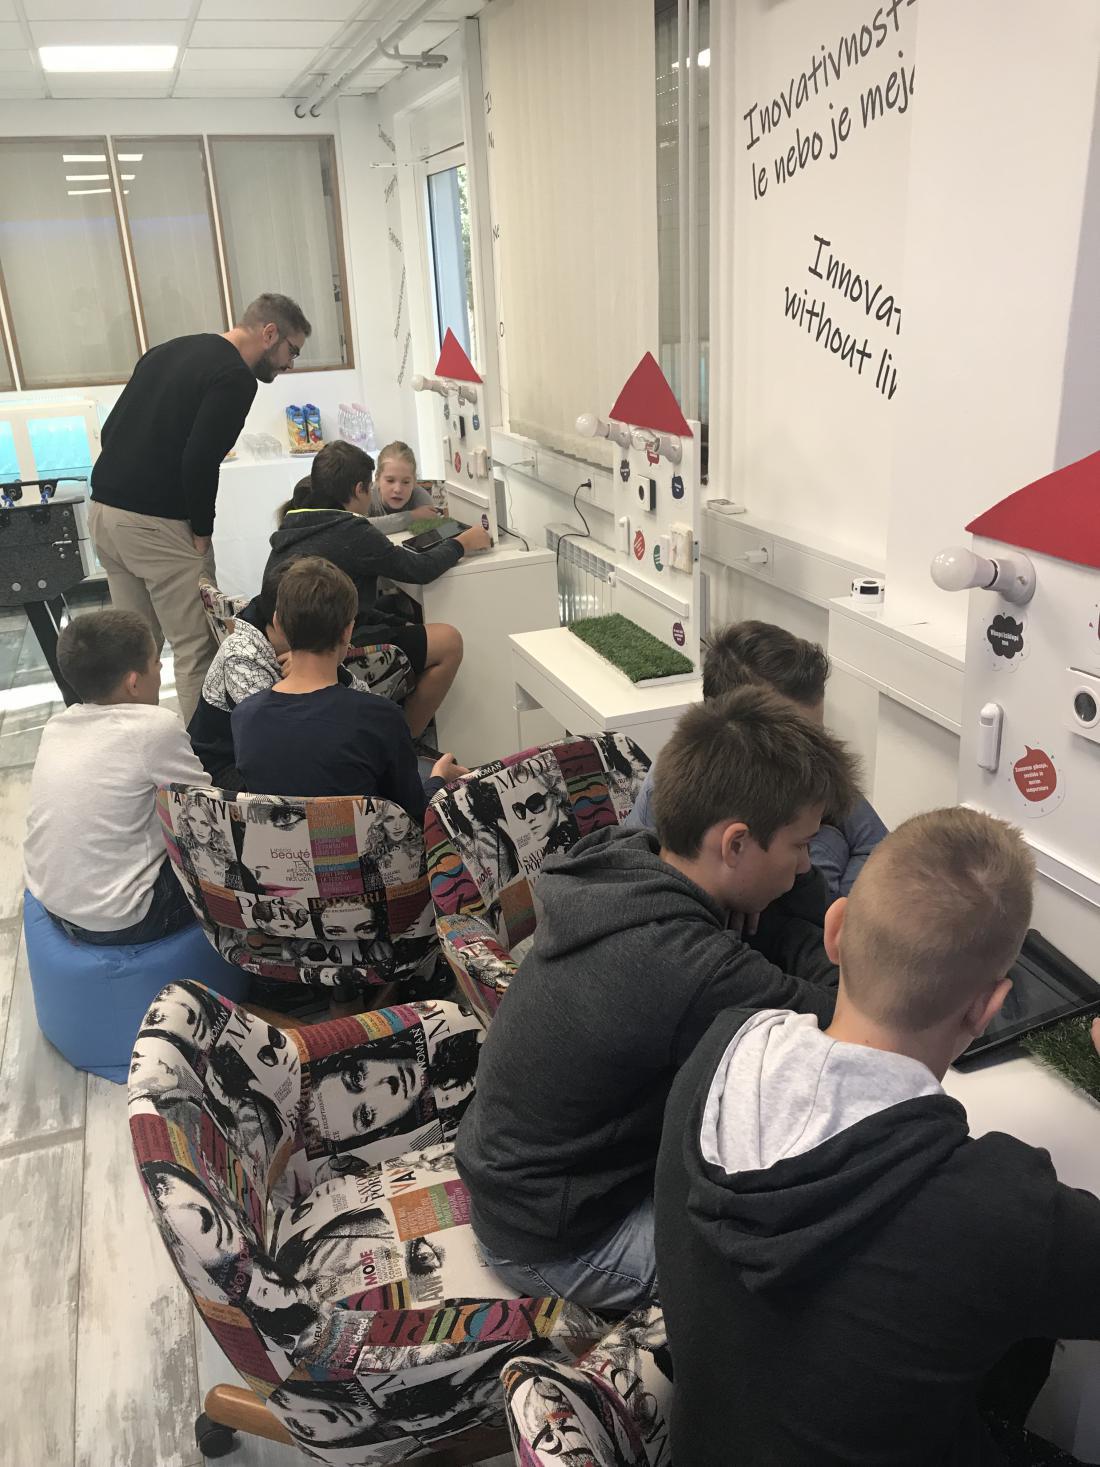 V podjetju GOAP imajo posebne delavnice za osnovnošolce, v katerih lahko ti odkrijejo svoj potencial inovativnosti. Zamisli otrok so izhodišče za mnoge inovacije.